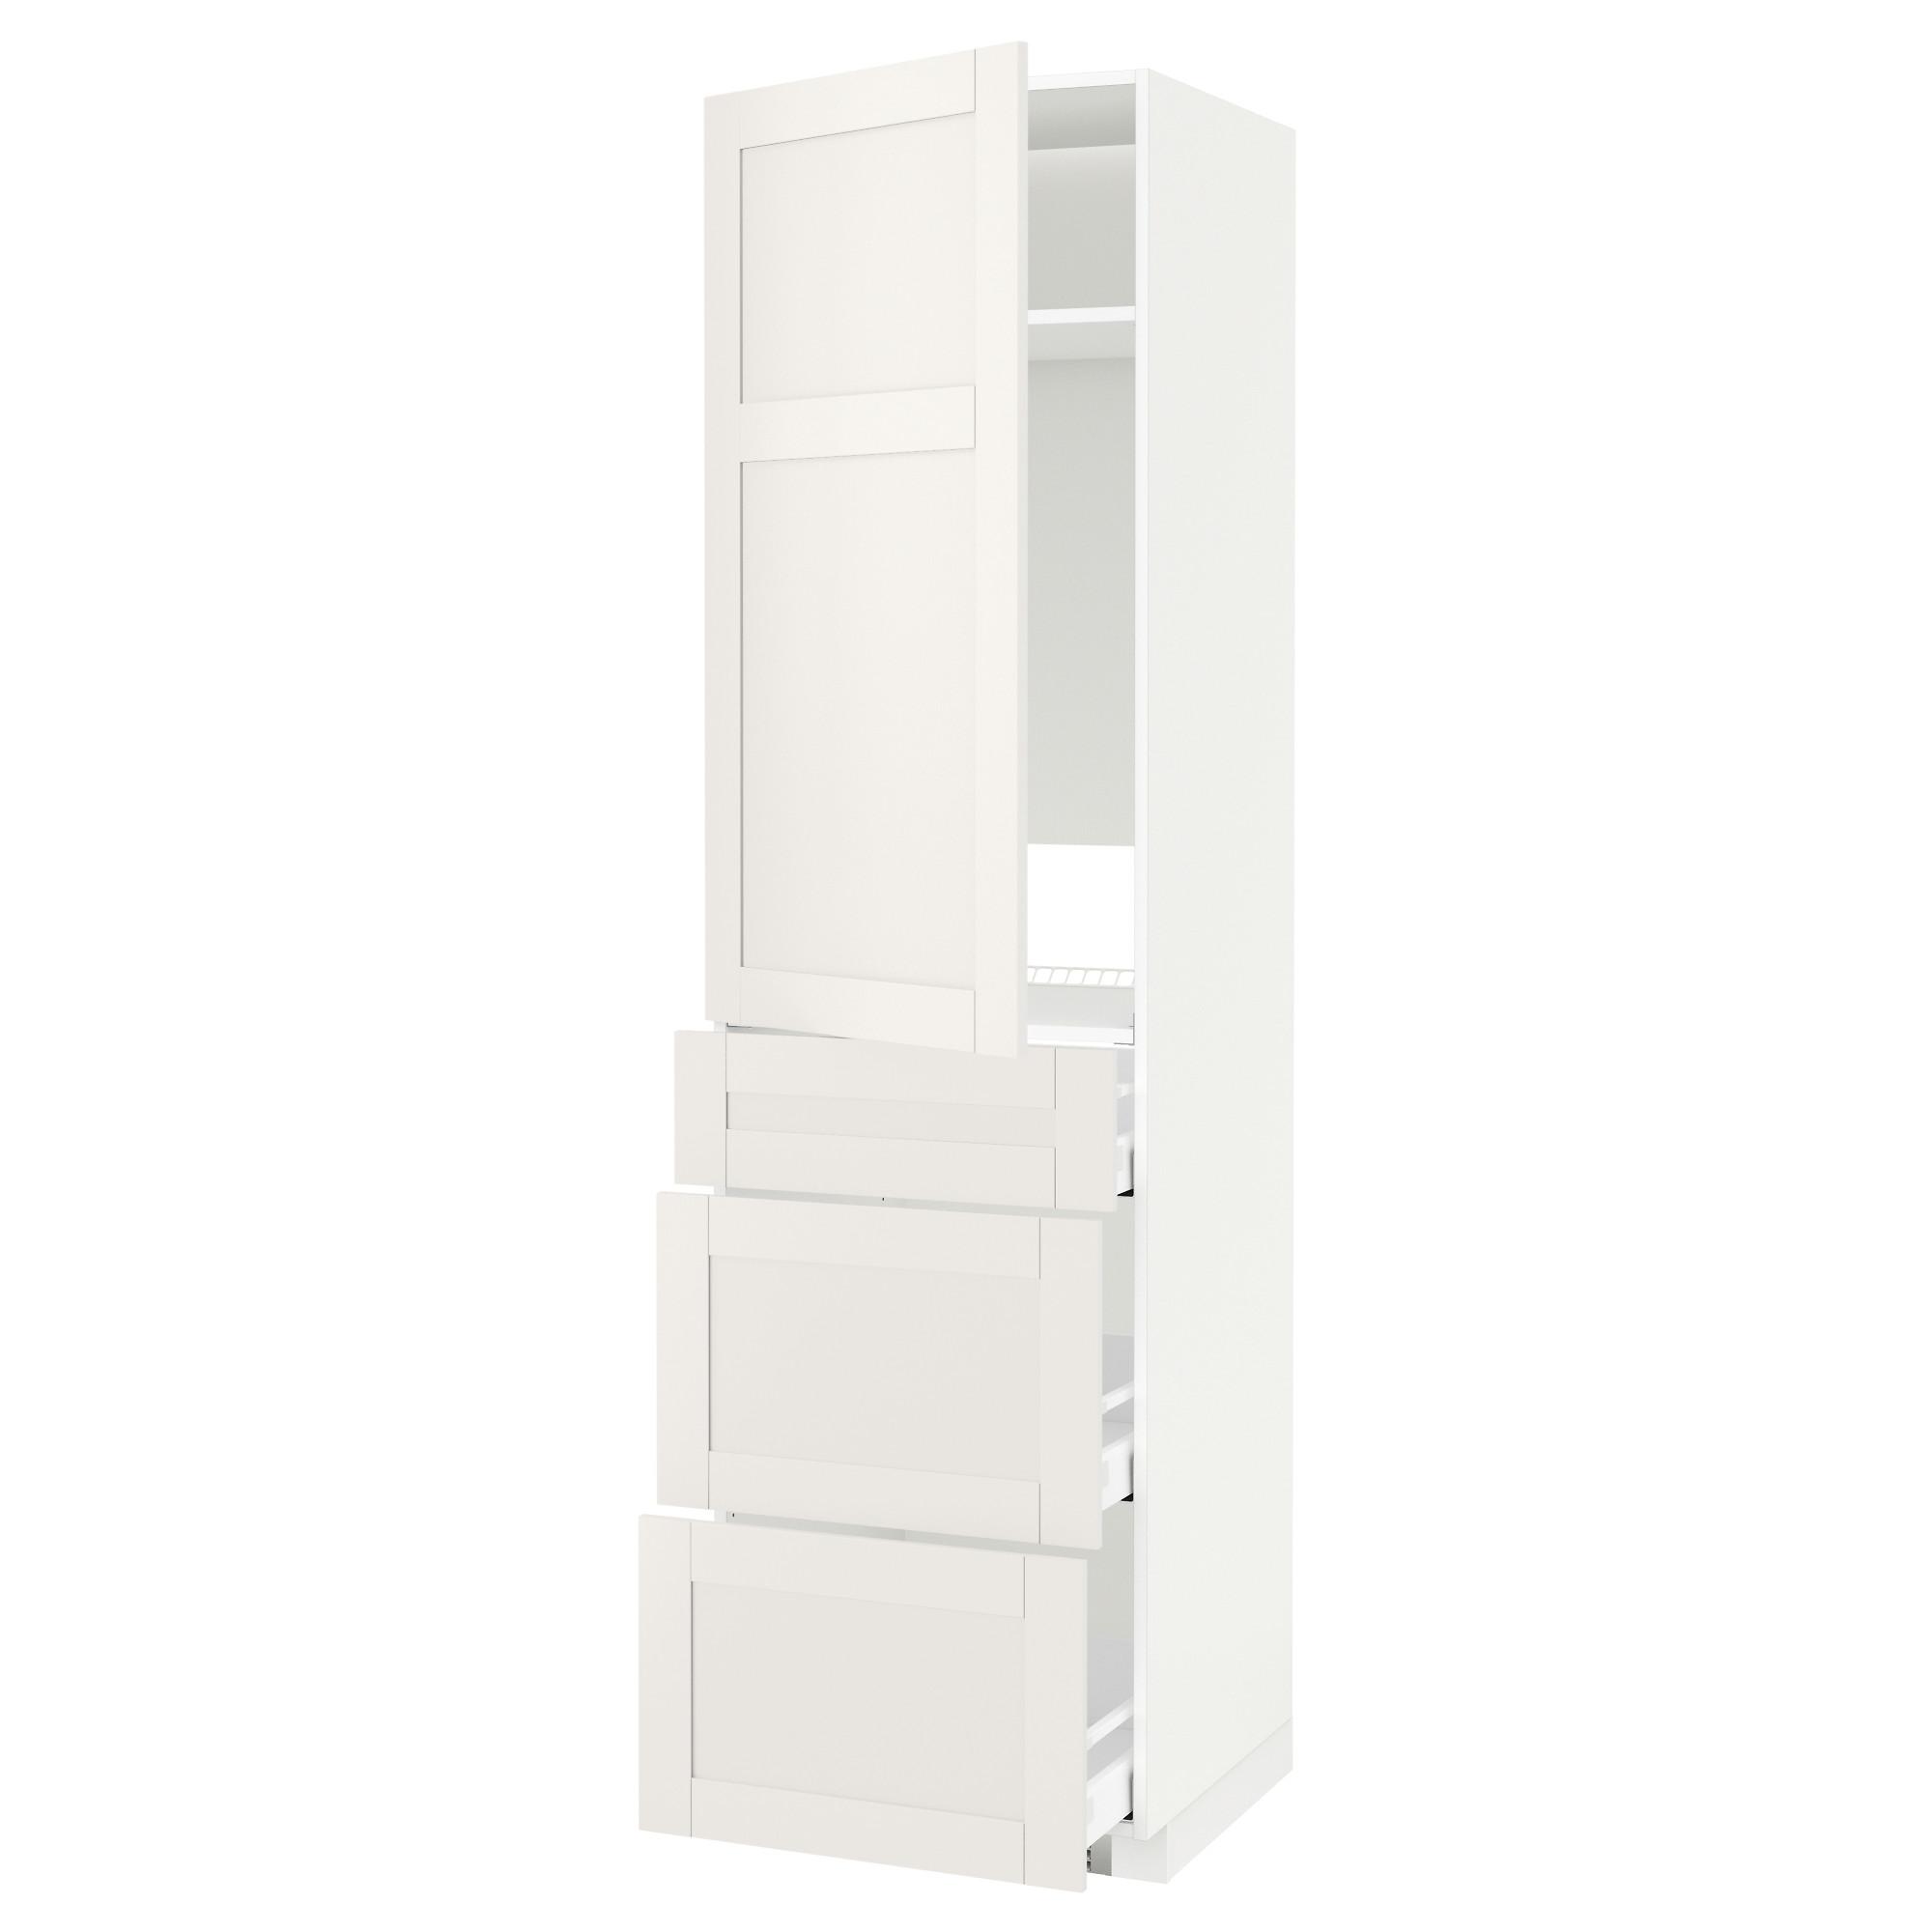 Высокий шкаф для холодильника, с дверцами, 3 ящика МЕТОД / МАКСИМЕРА белый артикуль № 492.390.76 в наличии. Онлайн сайт ИКЕА Республика Беларусь. Быстрая доставка и монтаж.